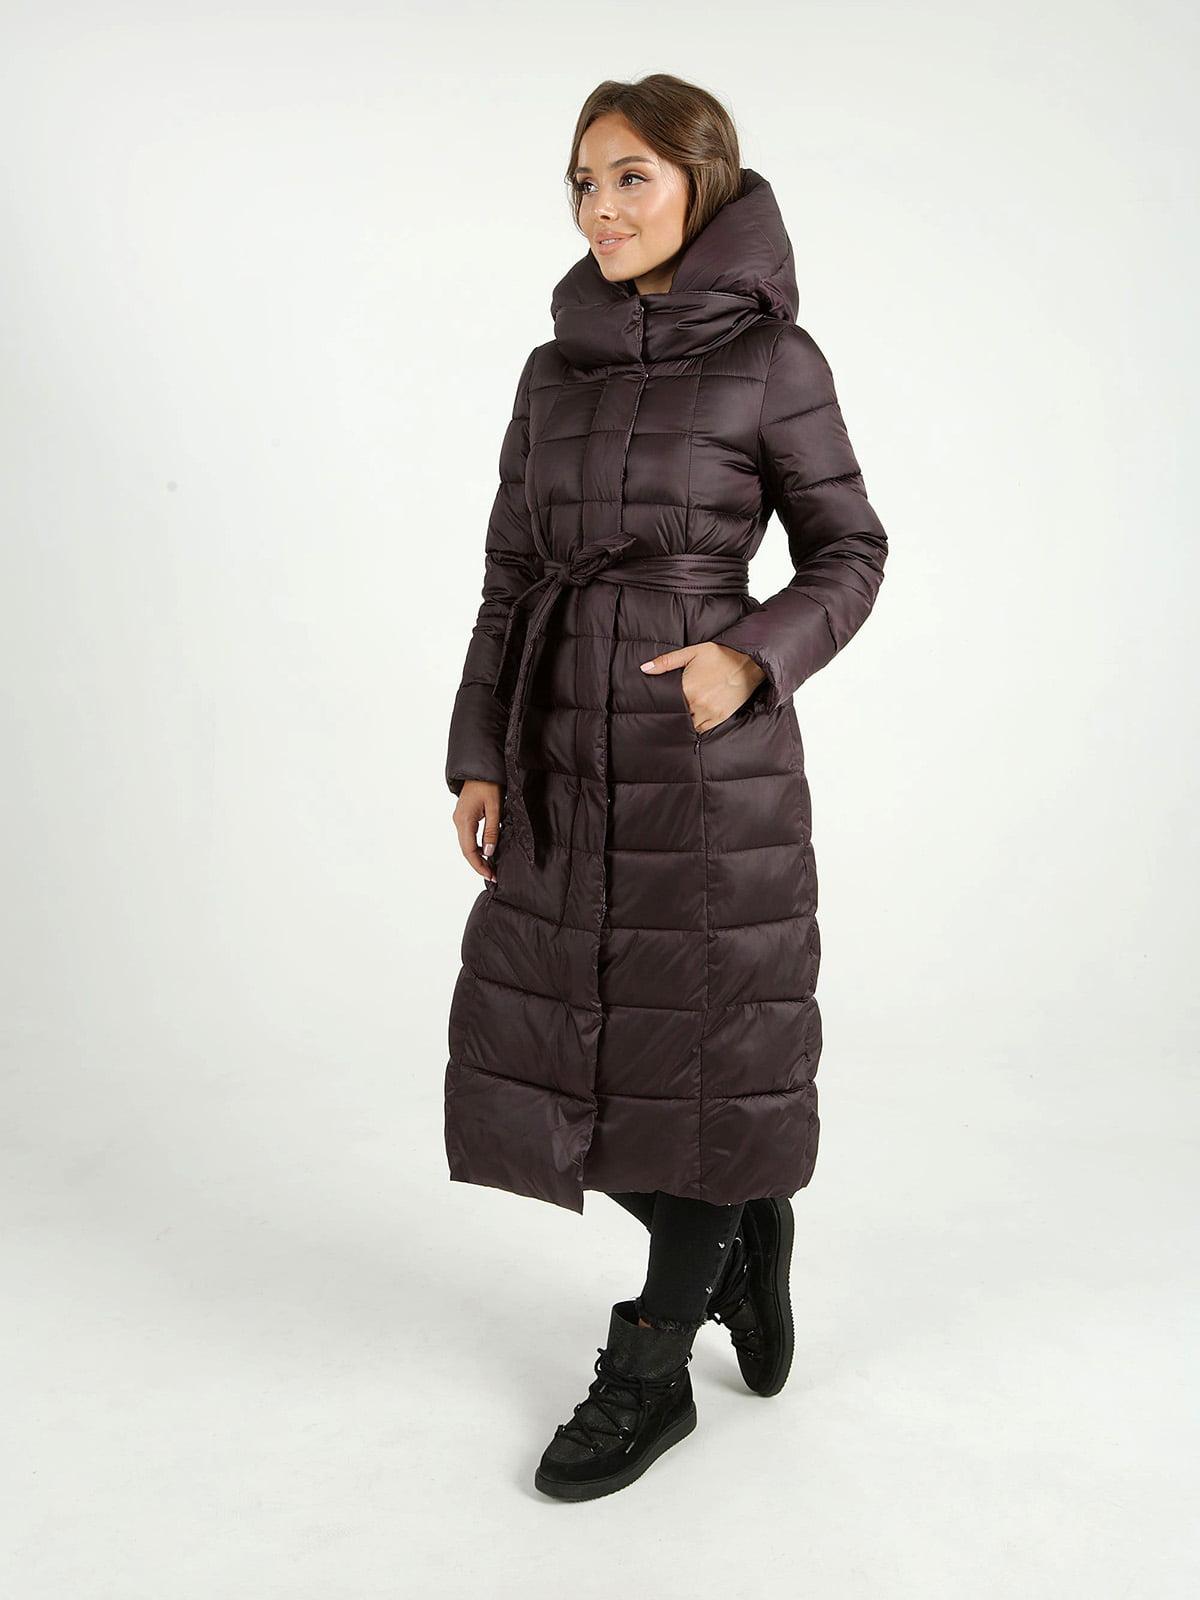 Куртка фіолетова   4588290   фото 2